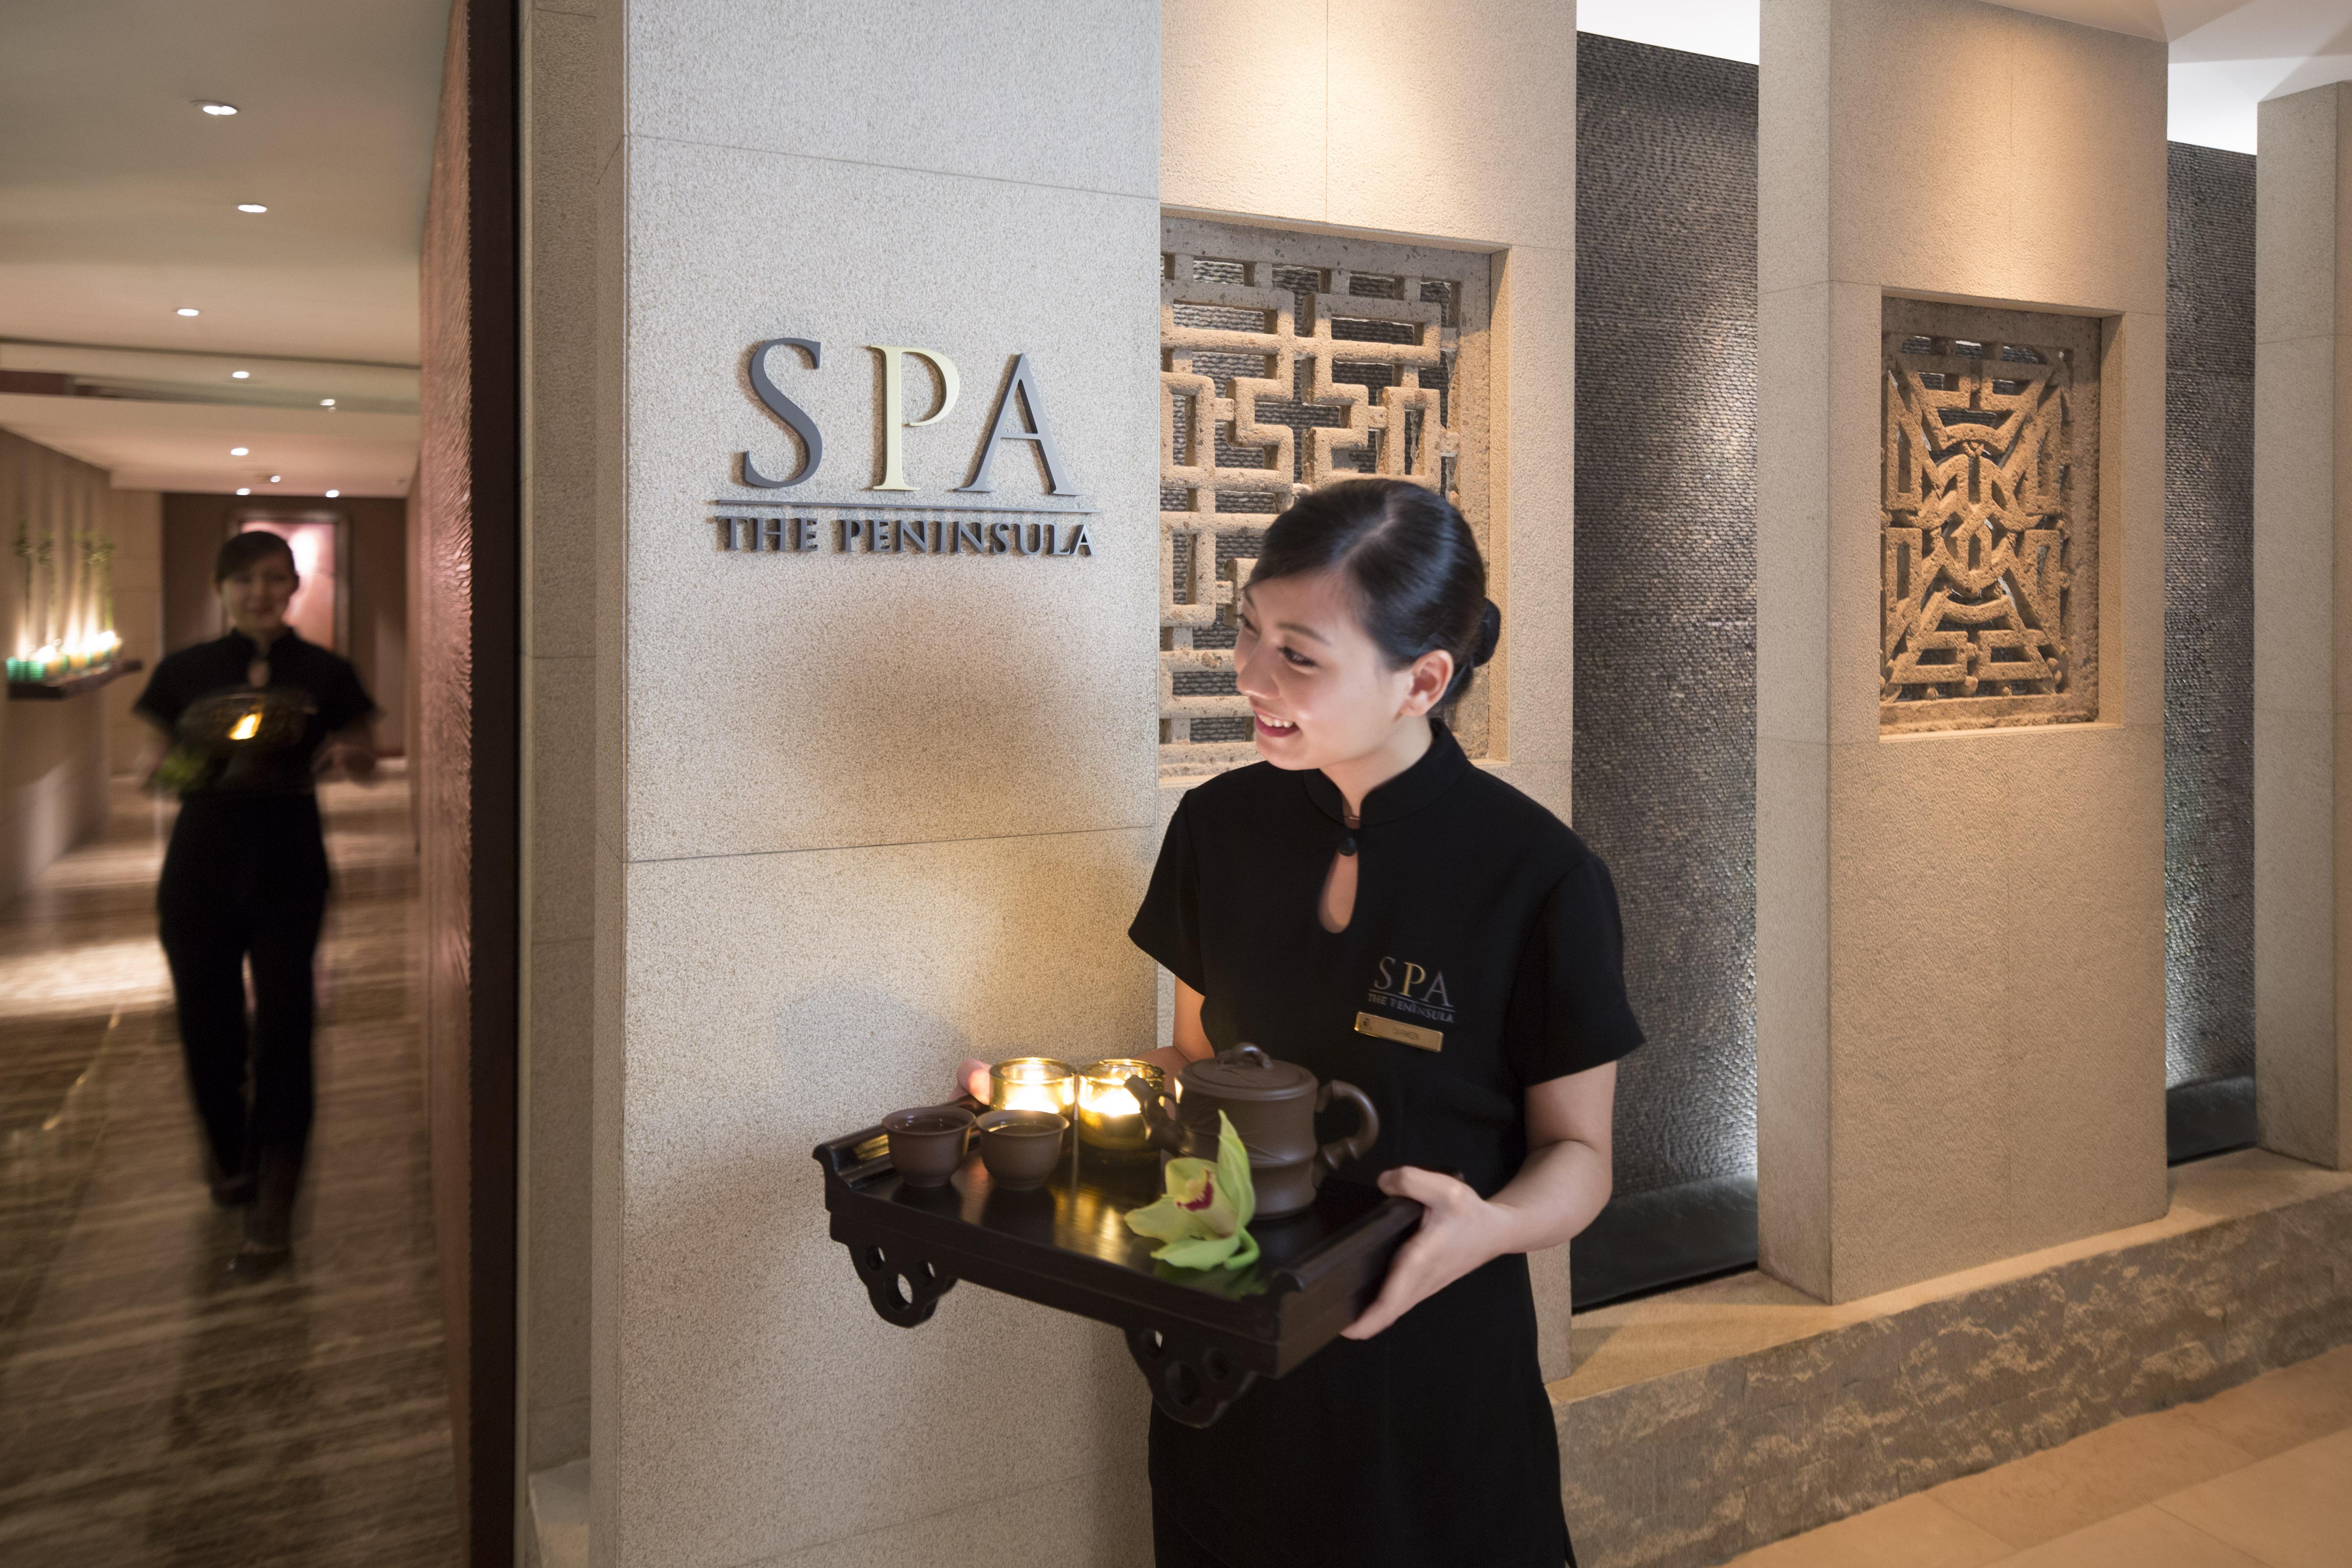 香港半島酒店是亞洲首家推出VOYA有機護膚品及護理療程的水療中心